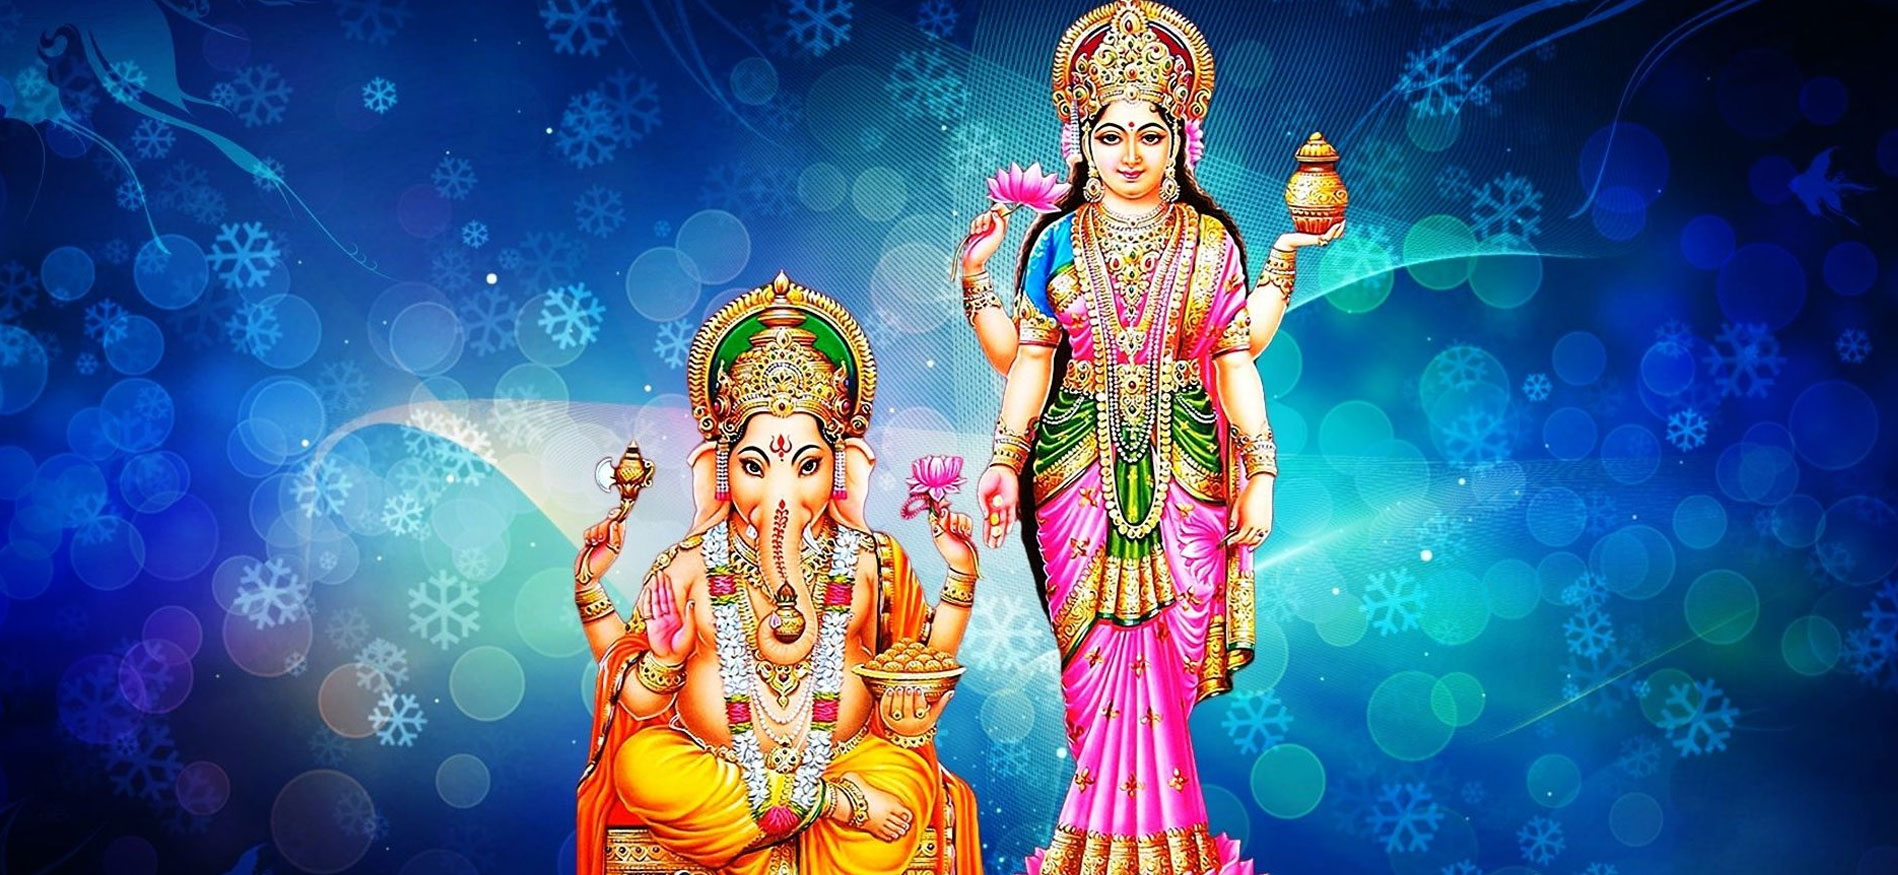 PunjabKesari, Ganesh Chaturthi, Ganesh Utsav, Ganesh Chaturthi 2019, Anant Chaturdashi, Sri ganesh, Lord Ganesh, श्री गणेश, गणेश चतुर्थी, गणेश उत्सव, अनंत चतुर्दशी, Jyotish Upay, Lakshmi Vinayak Mantra